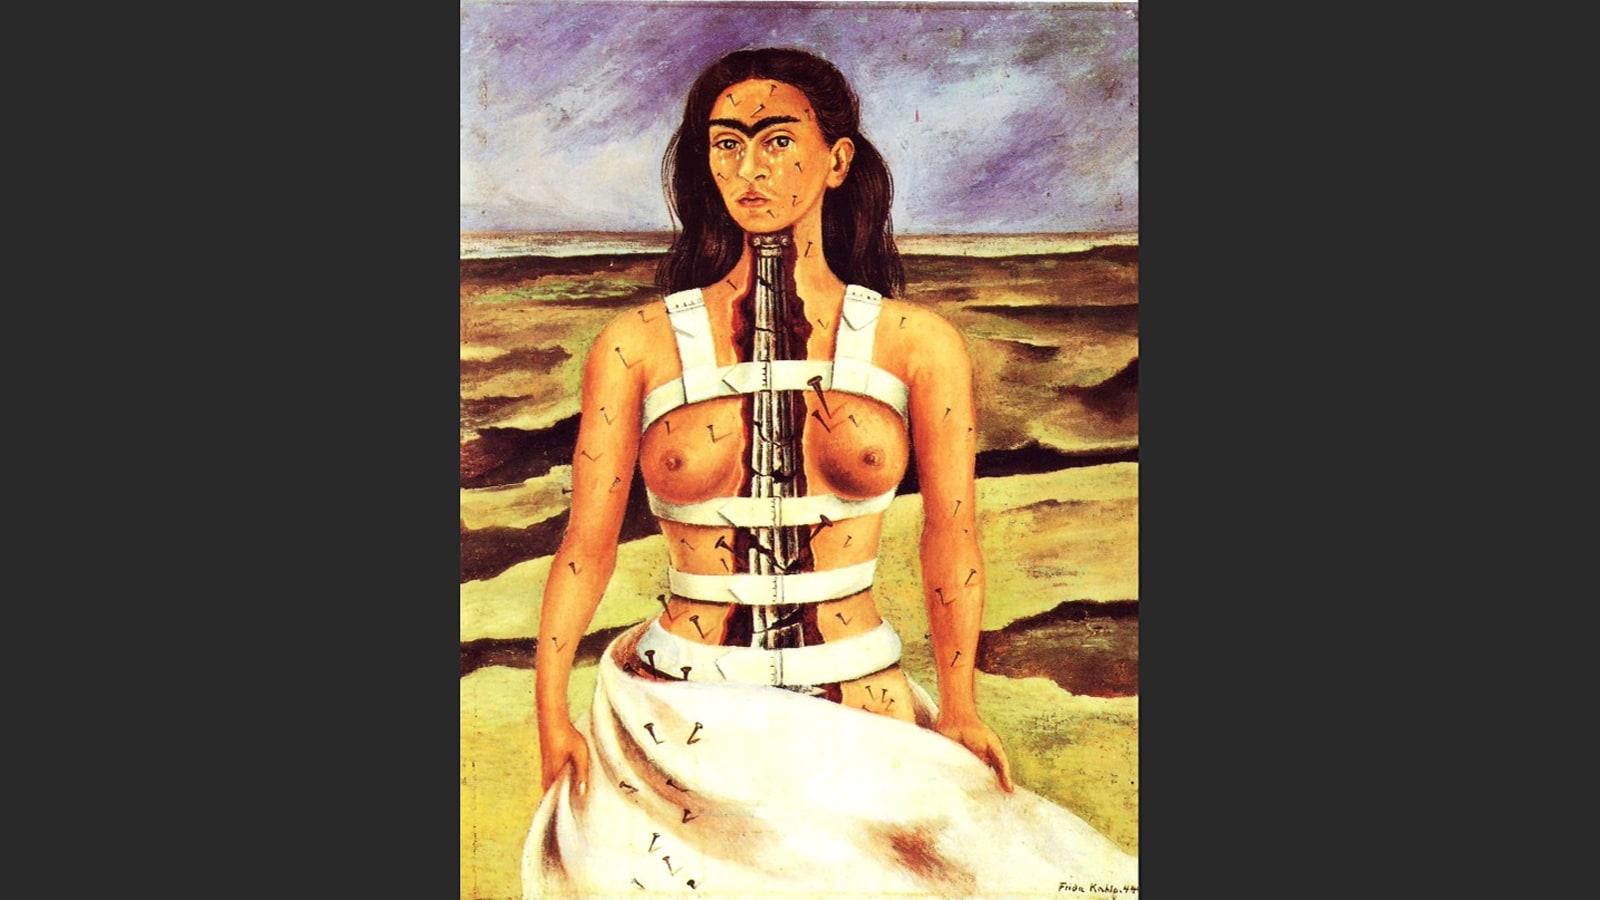 Historias trágicas de artistas que los inspiraron a realizar sus famosas pinturas - 2